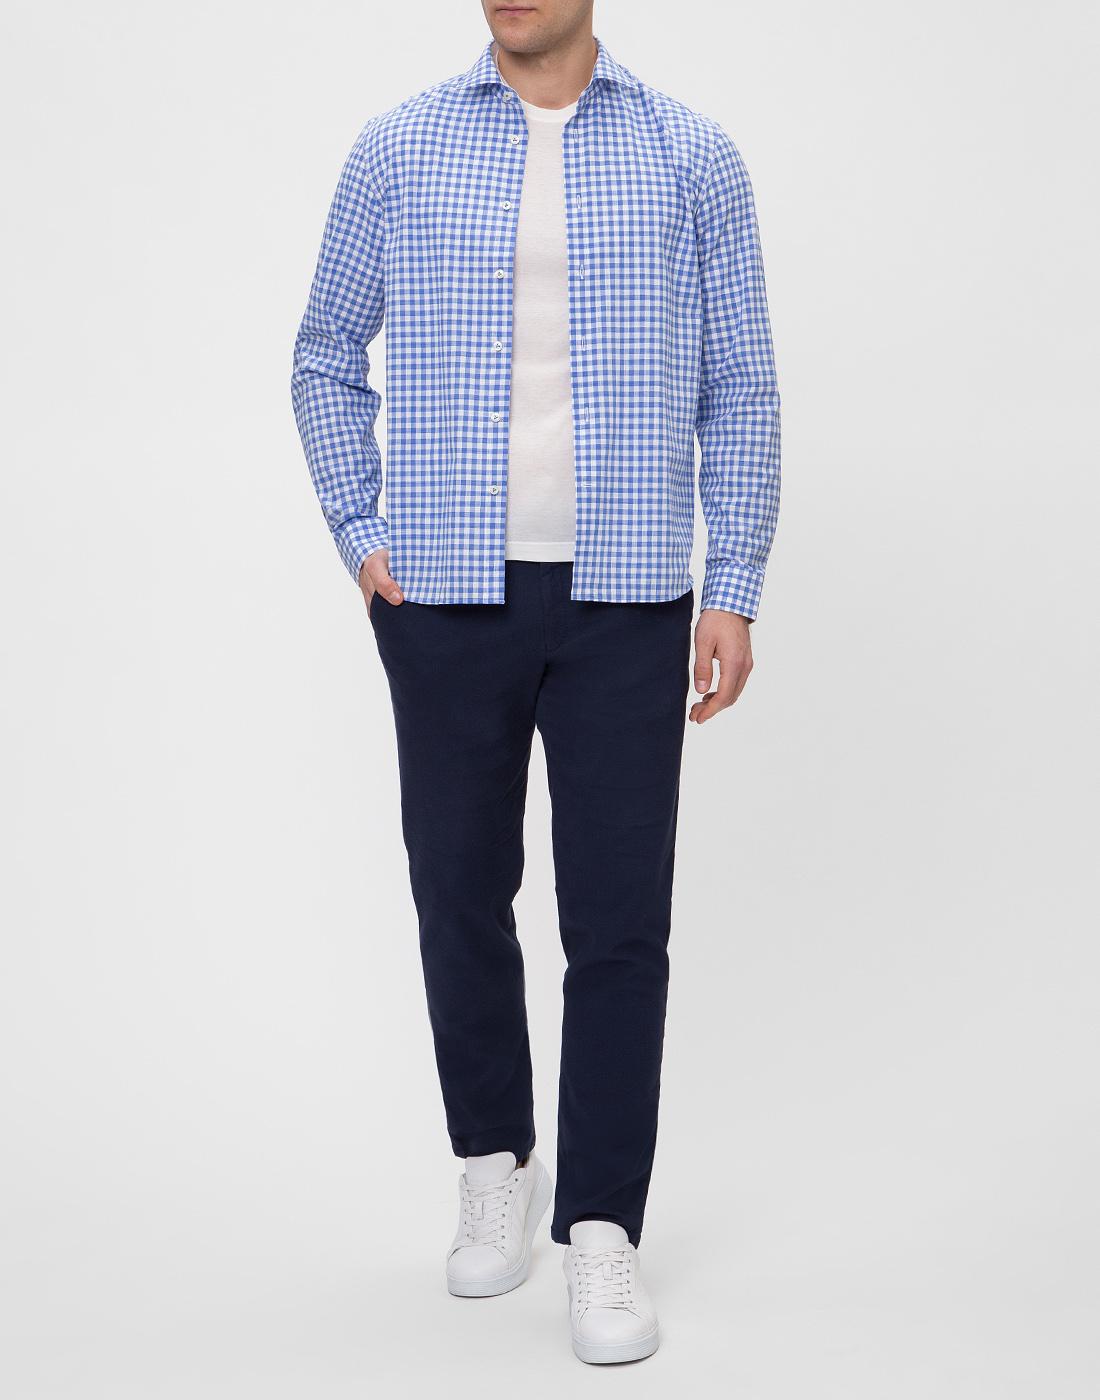 Мужская рубашка в клетку  Van Laack STETON2-TF05 161867/740-5